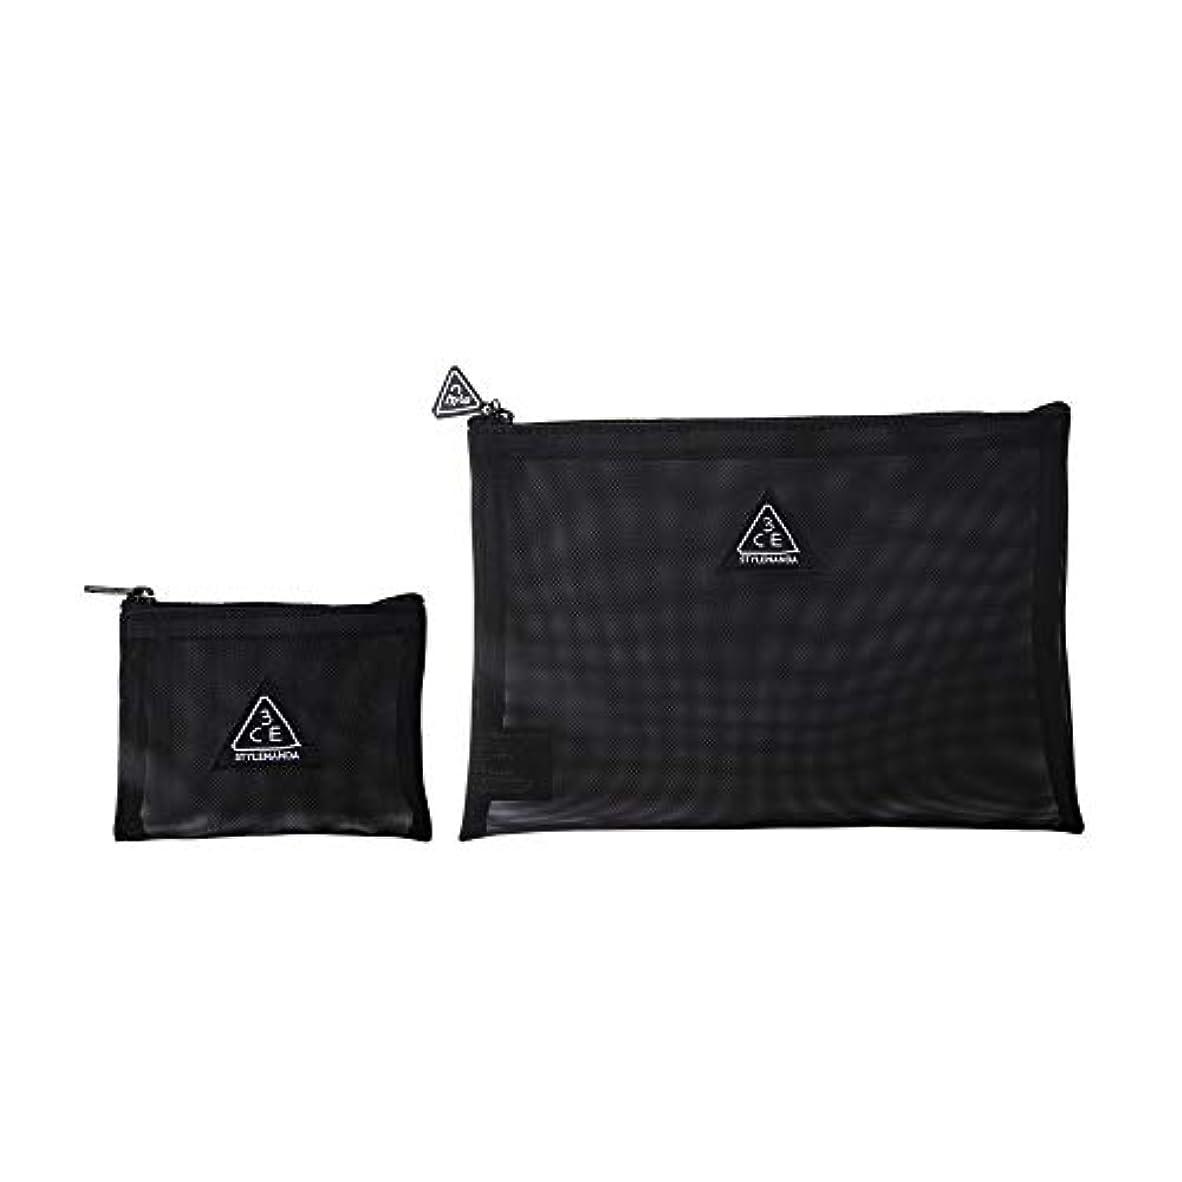 成熟電気の障害者3CE メッシュ ポーチ(ブラック) / 3CE MESH POUCH (Black) [並行輸入品]